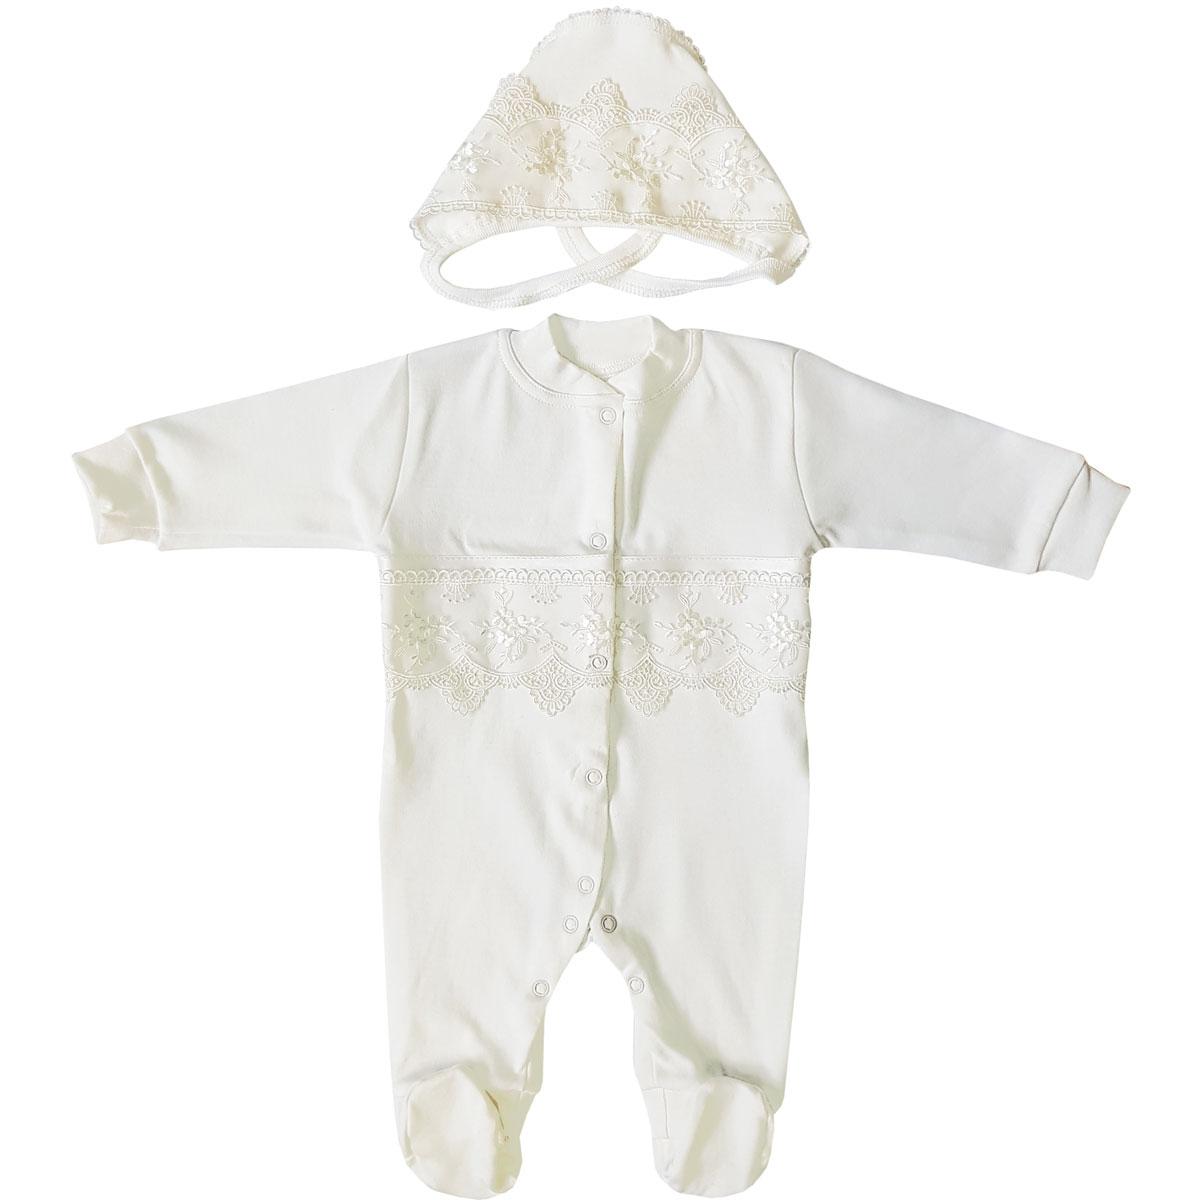 Купить Комплект на выписку Папитто 2 пр. универсальный р.62 37-5292 экрю, Комплекты для новорожденных